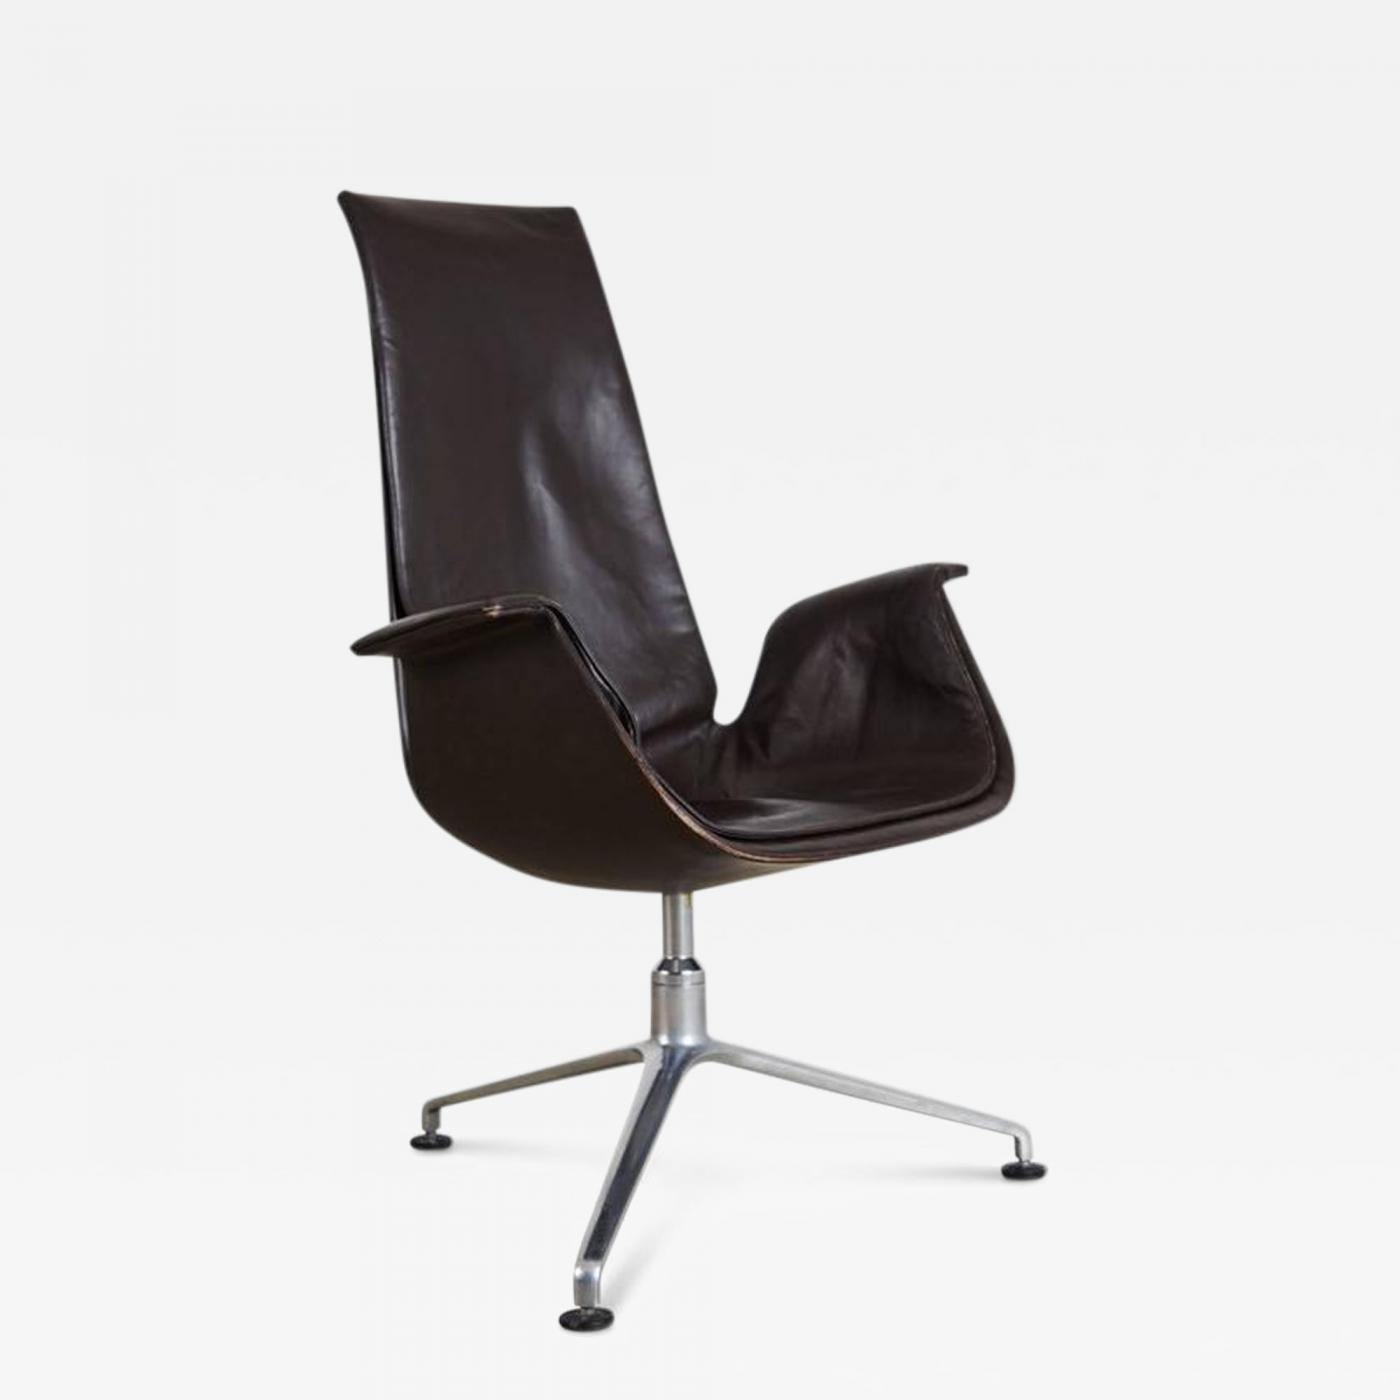 J¸rgen Kastholm & Preben Fabricius FK 6725 Bird Chair by Preben